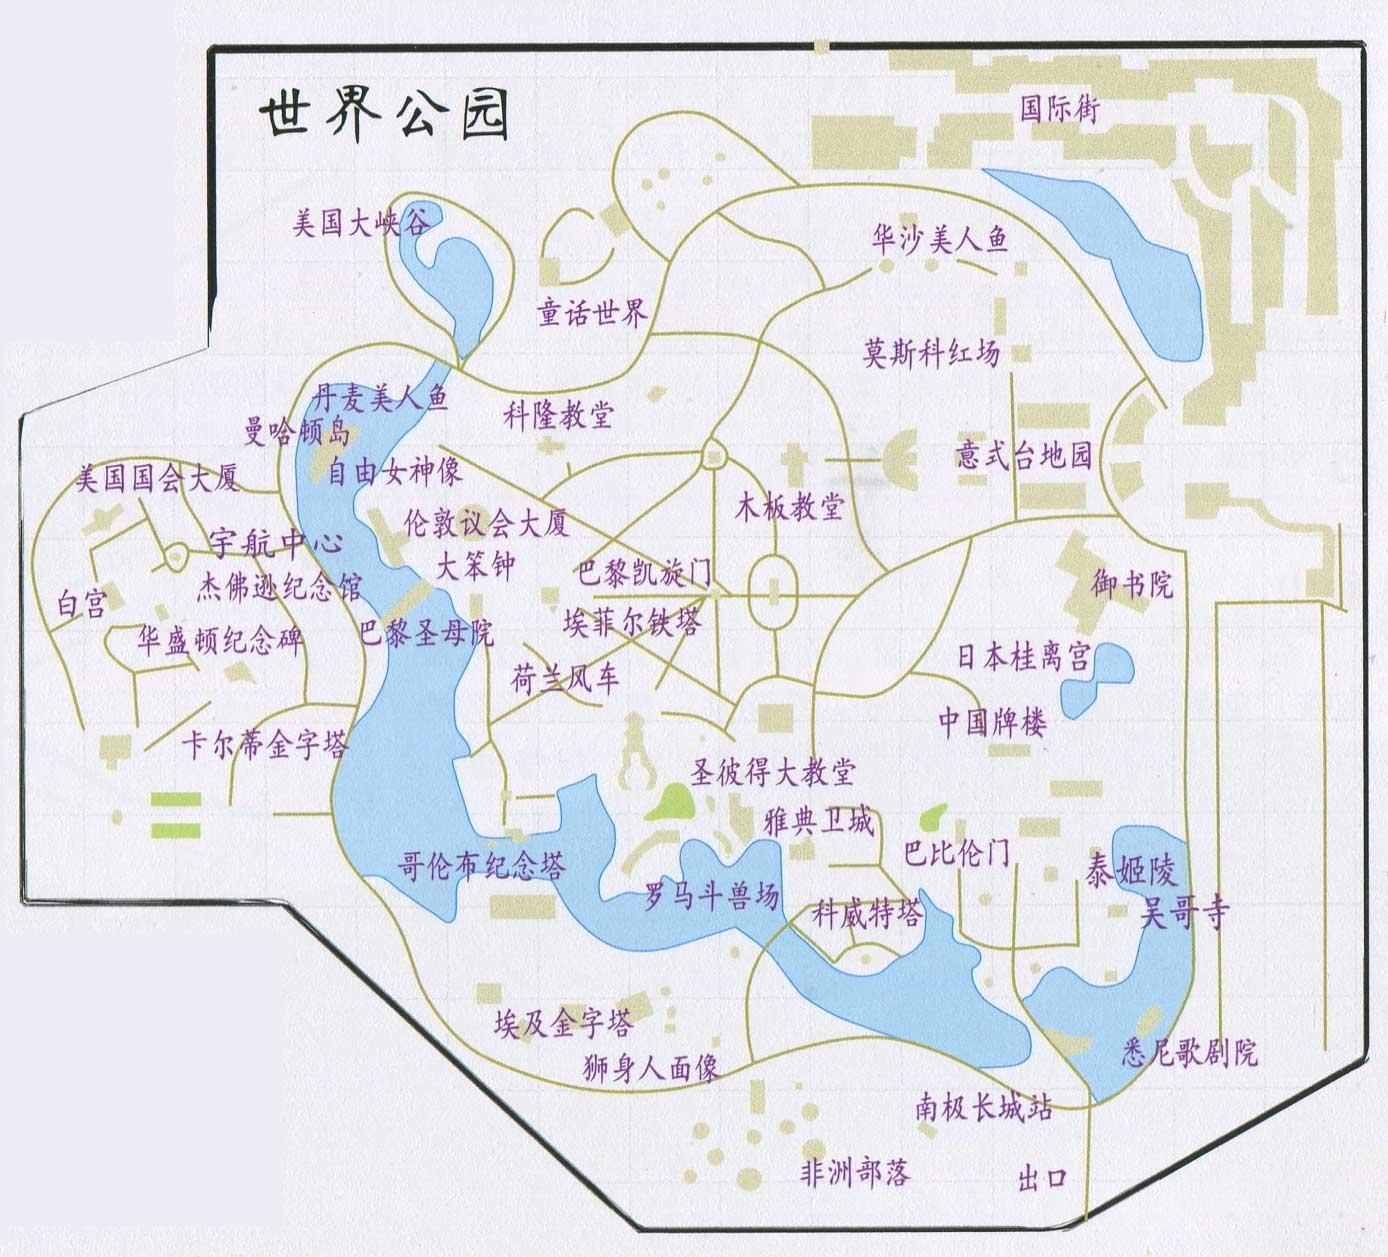 世界公园导游图_北京旅游地图库